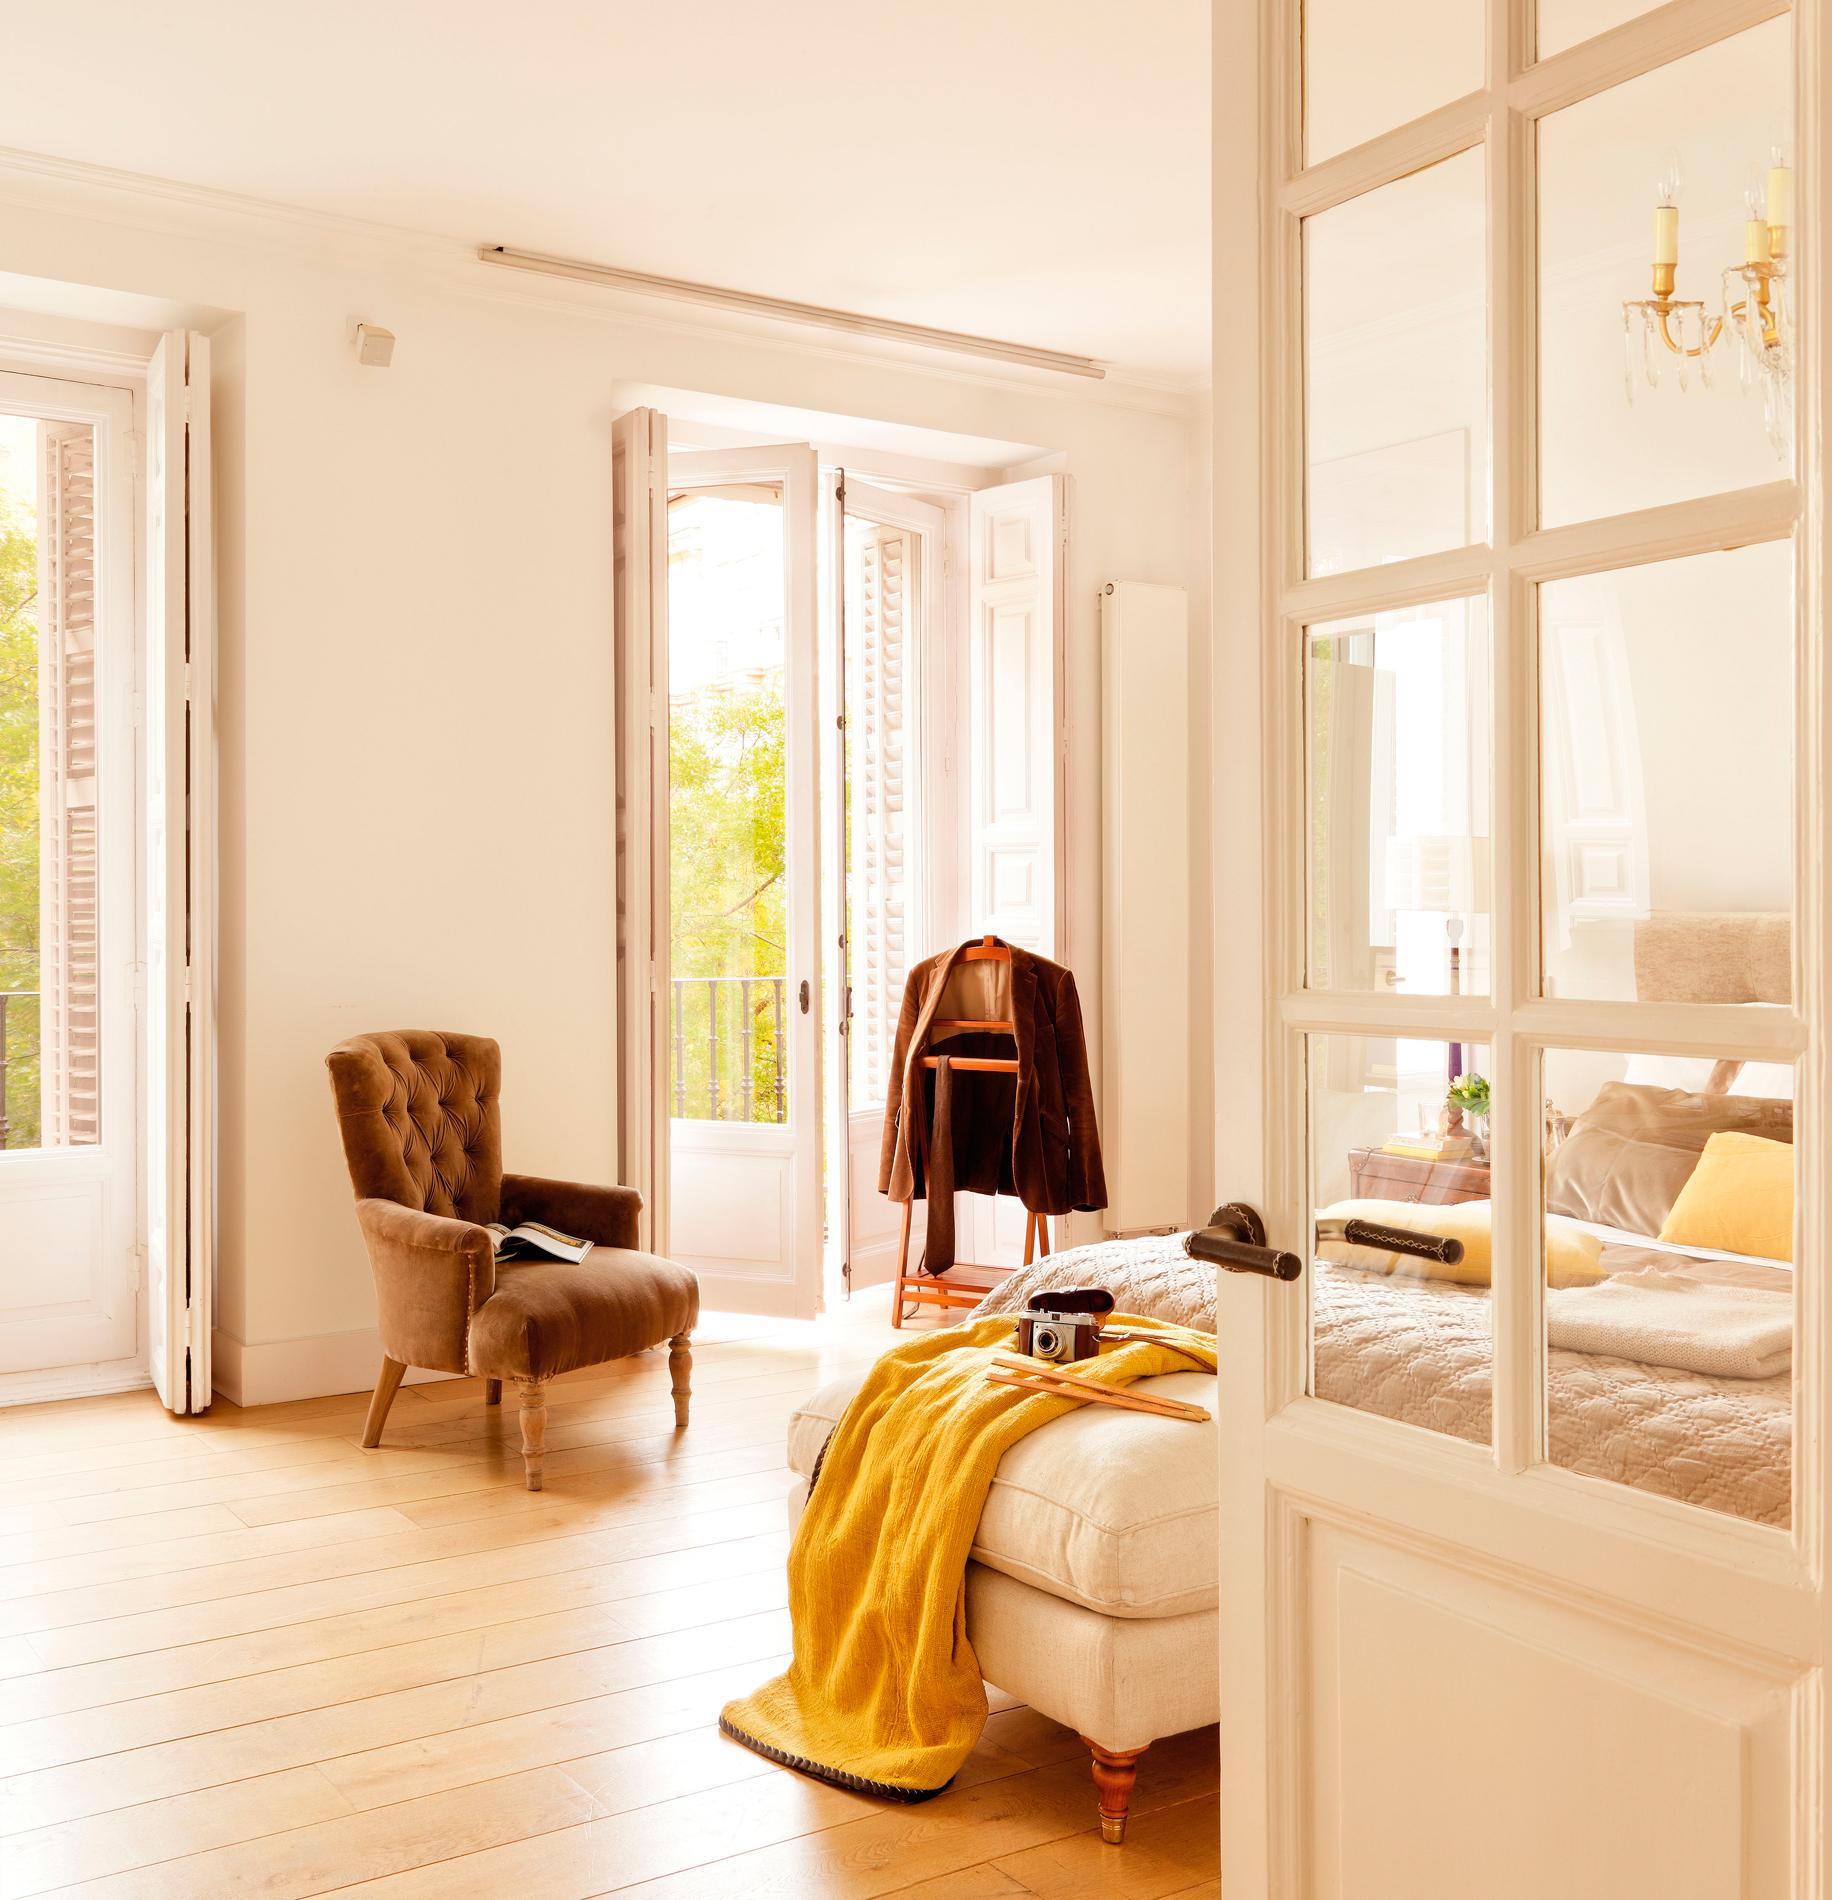 9 00336295. Amplio dormitorio blanco con ventanas al exterior y una butaca con capitoné_9 00336295